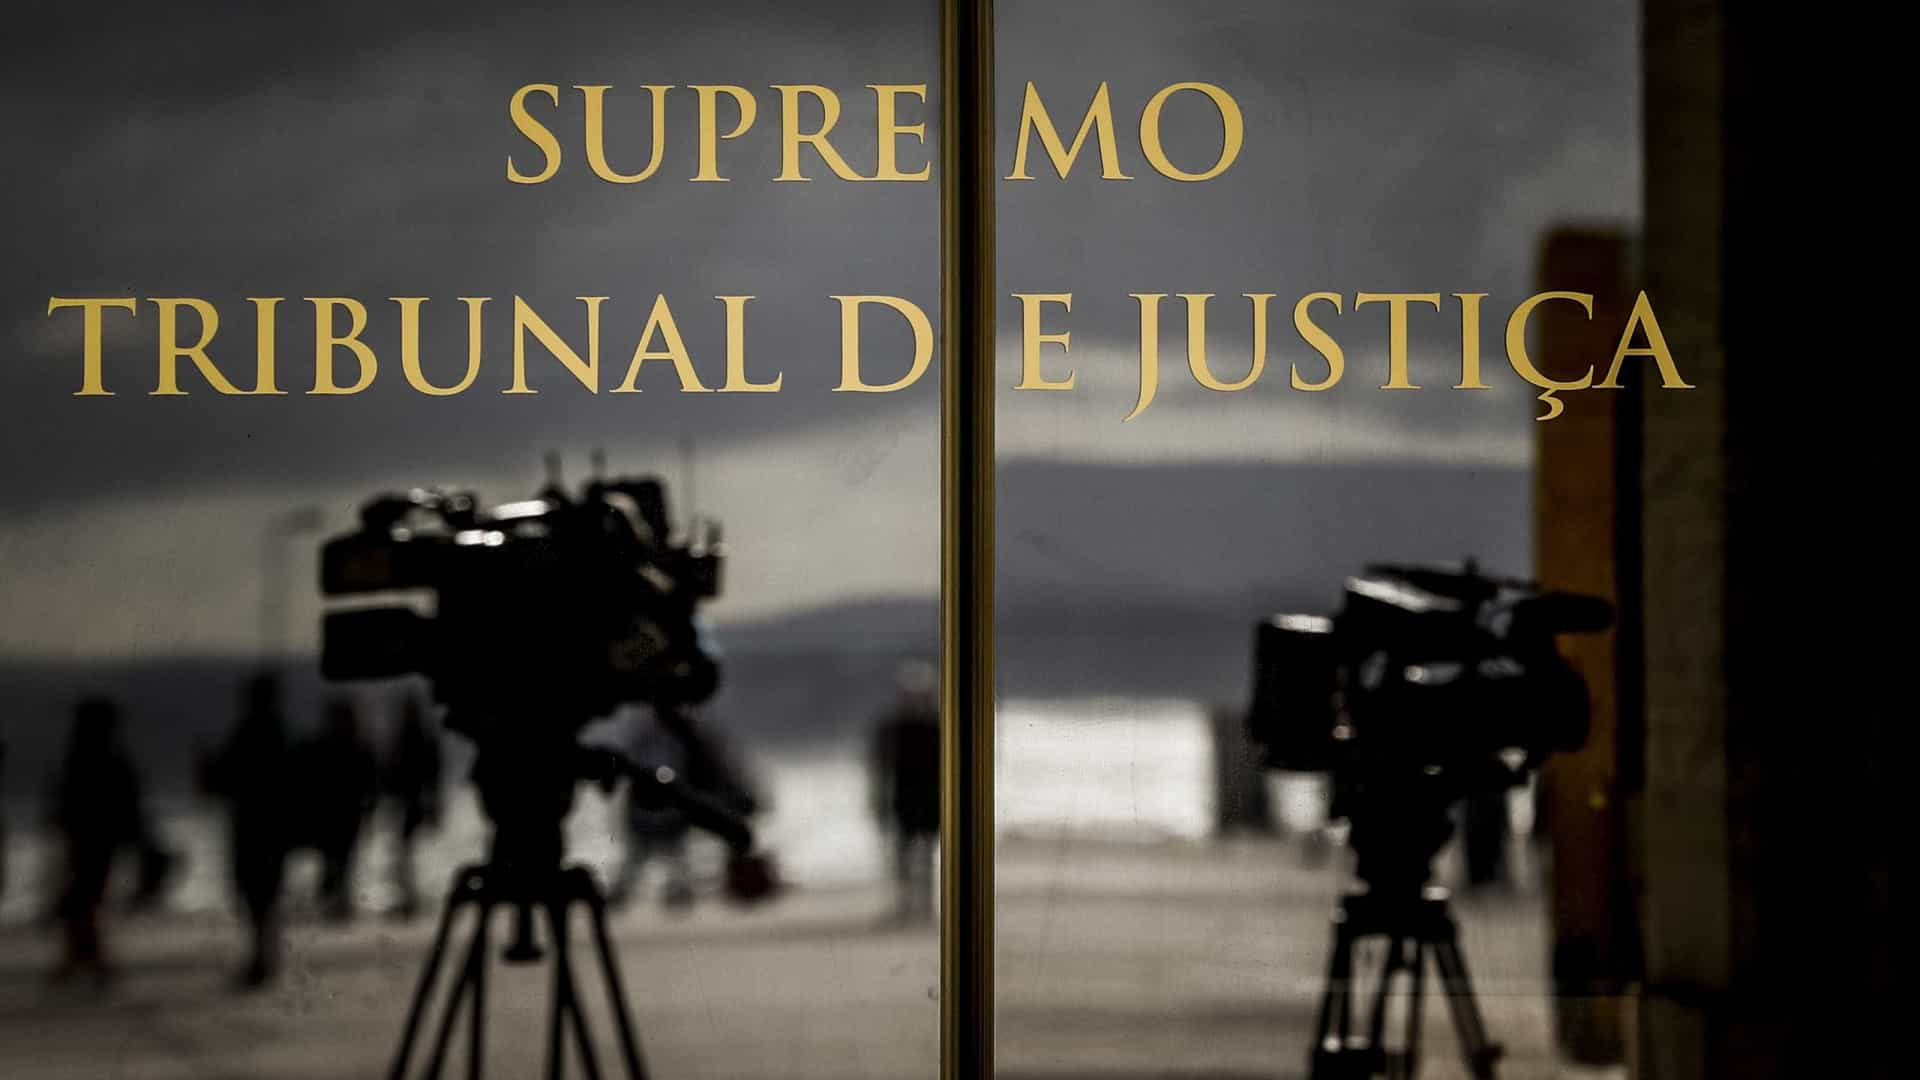 Juiz Neto de Moura foi ouvido no Supremo Tribunal de Justiça